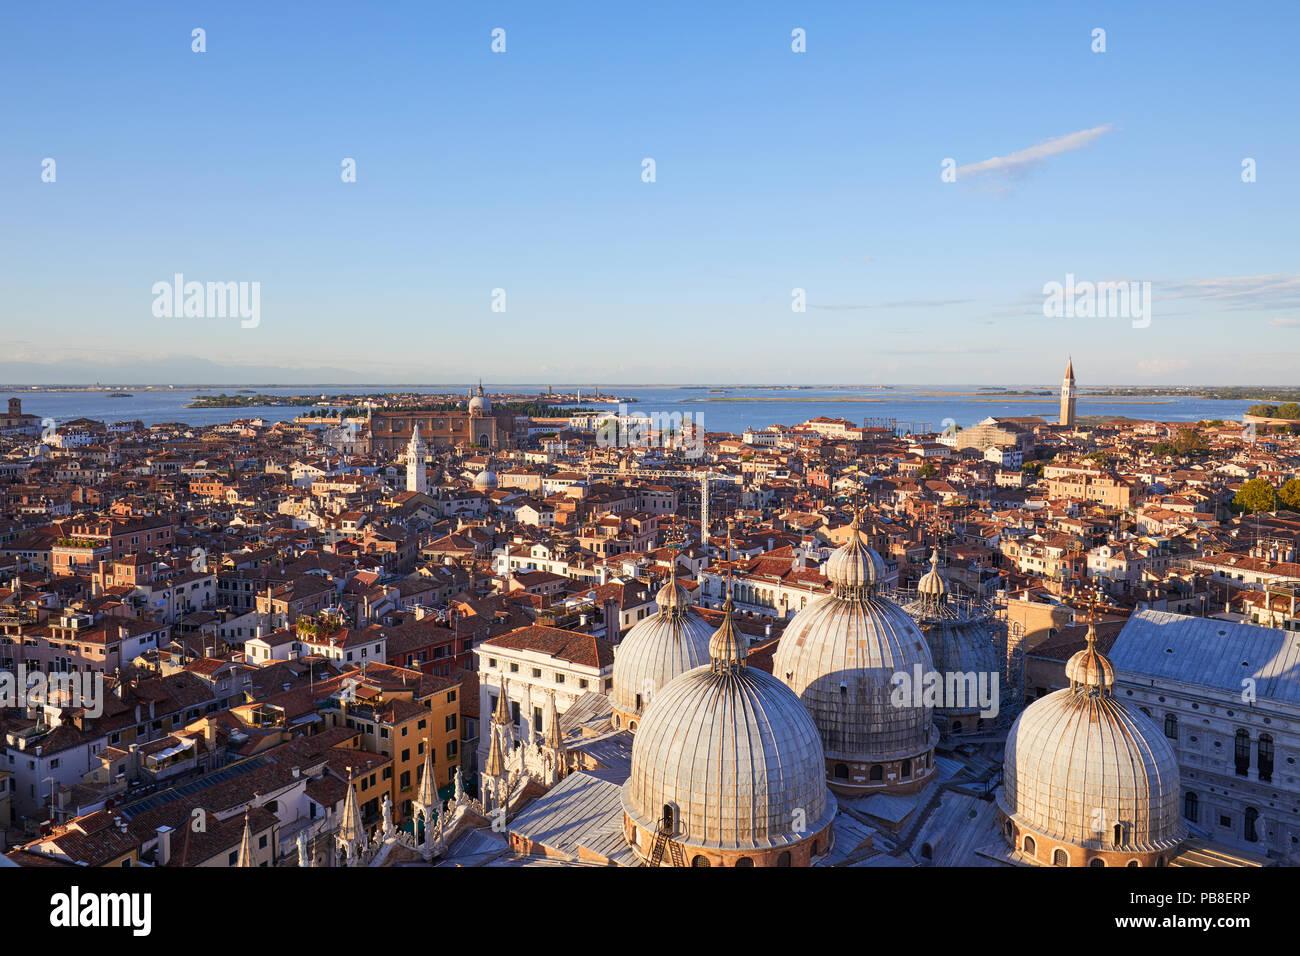 Vista elevada de Venecia con tejados y cúpulas de la basílica de San Marco campanario antes del atardecer, Italia Imagen De Stock